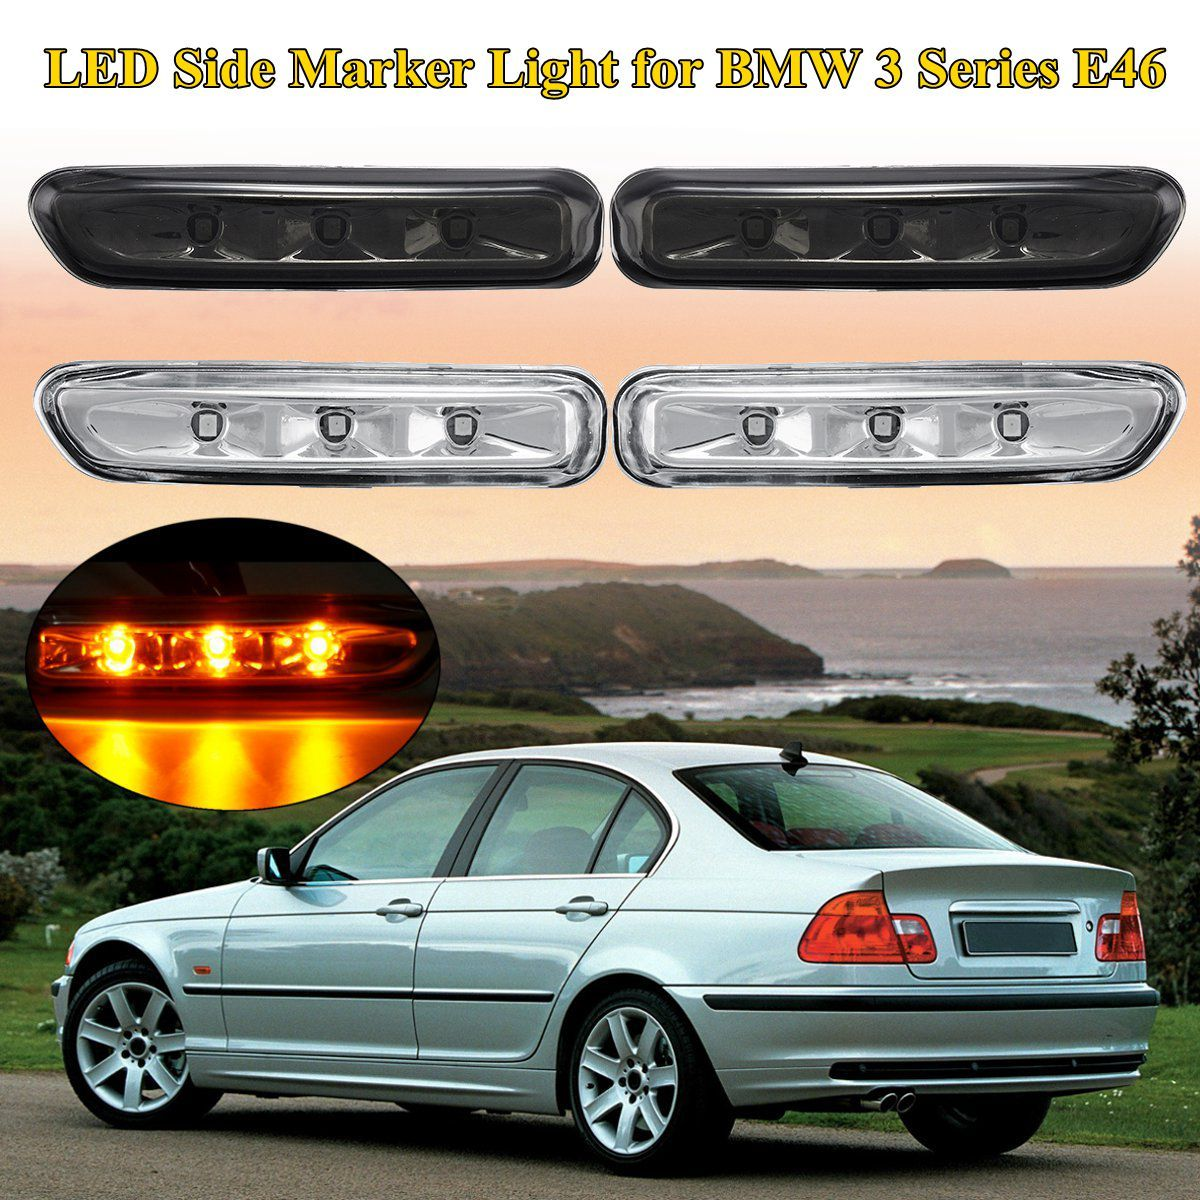 1 para Blinker Seite Marker Lampe Lichter Blinker Licht Für BMW 3 Serie E46 316I 318I 325I 12 v X3 E83 E90 4Dr/2Dr 99-03